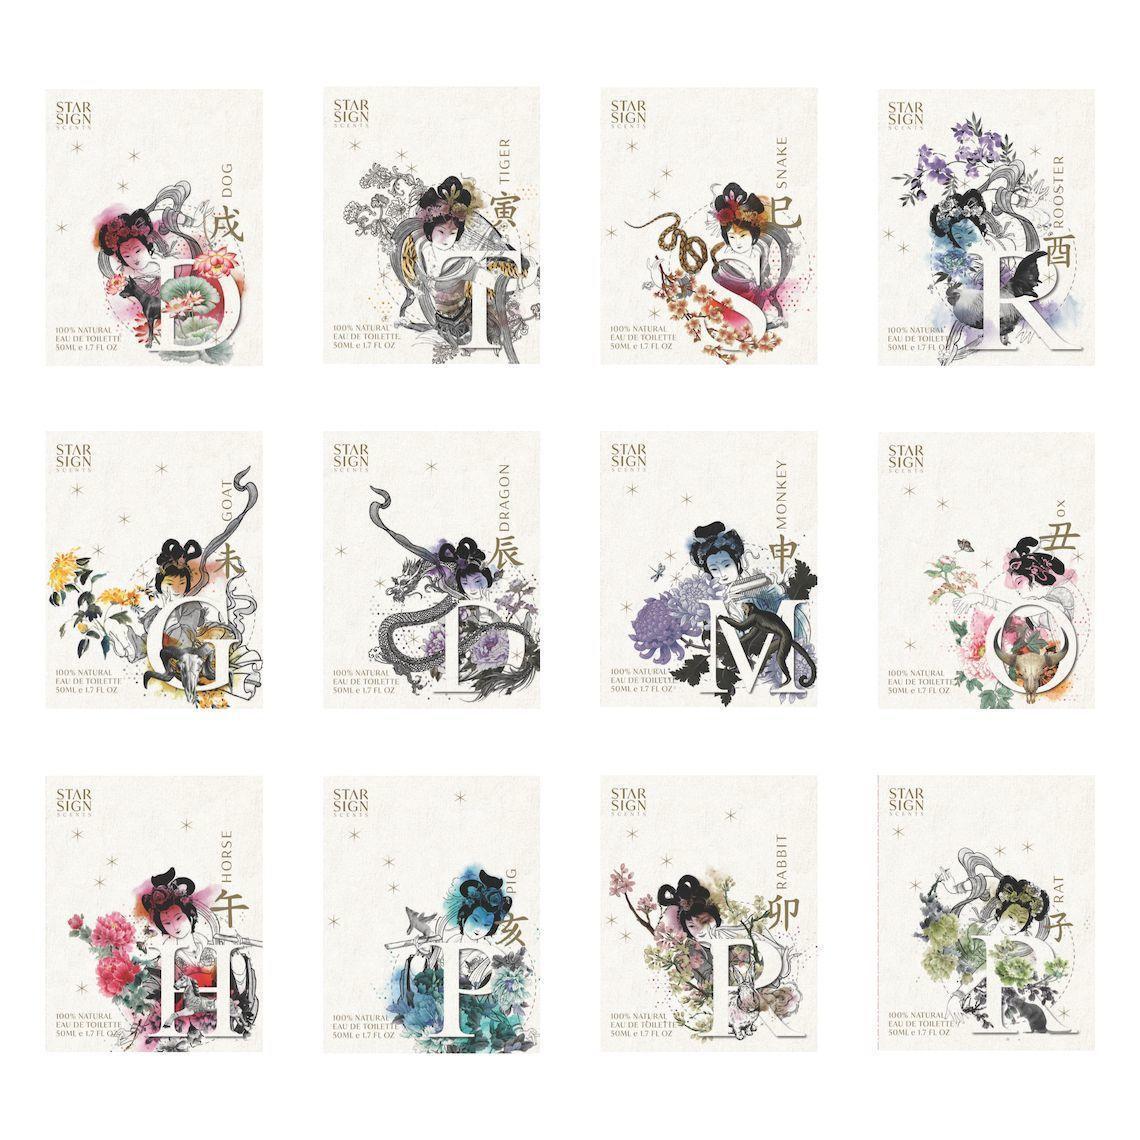 Chinese Astrology Unisex Perfumes Full Set | Trada Marketplace